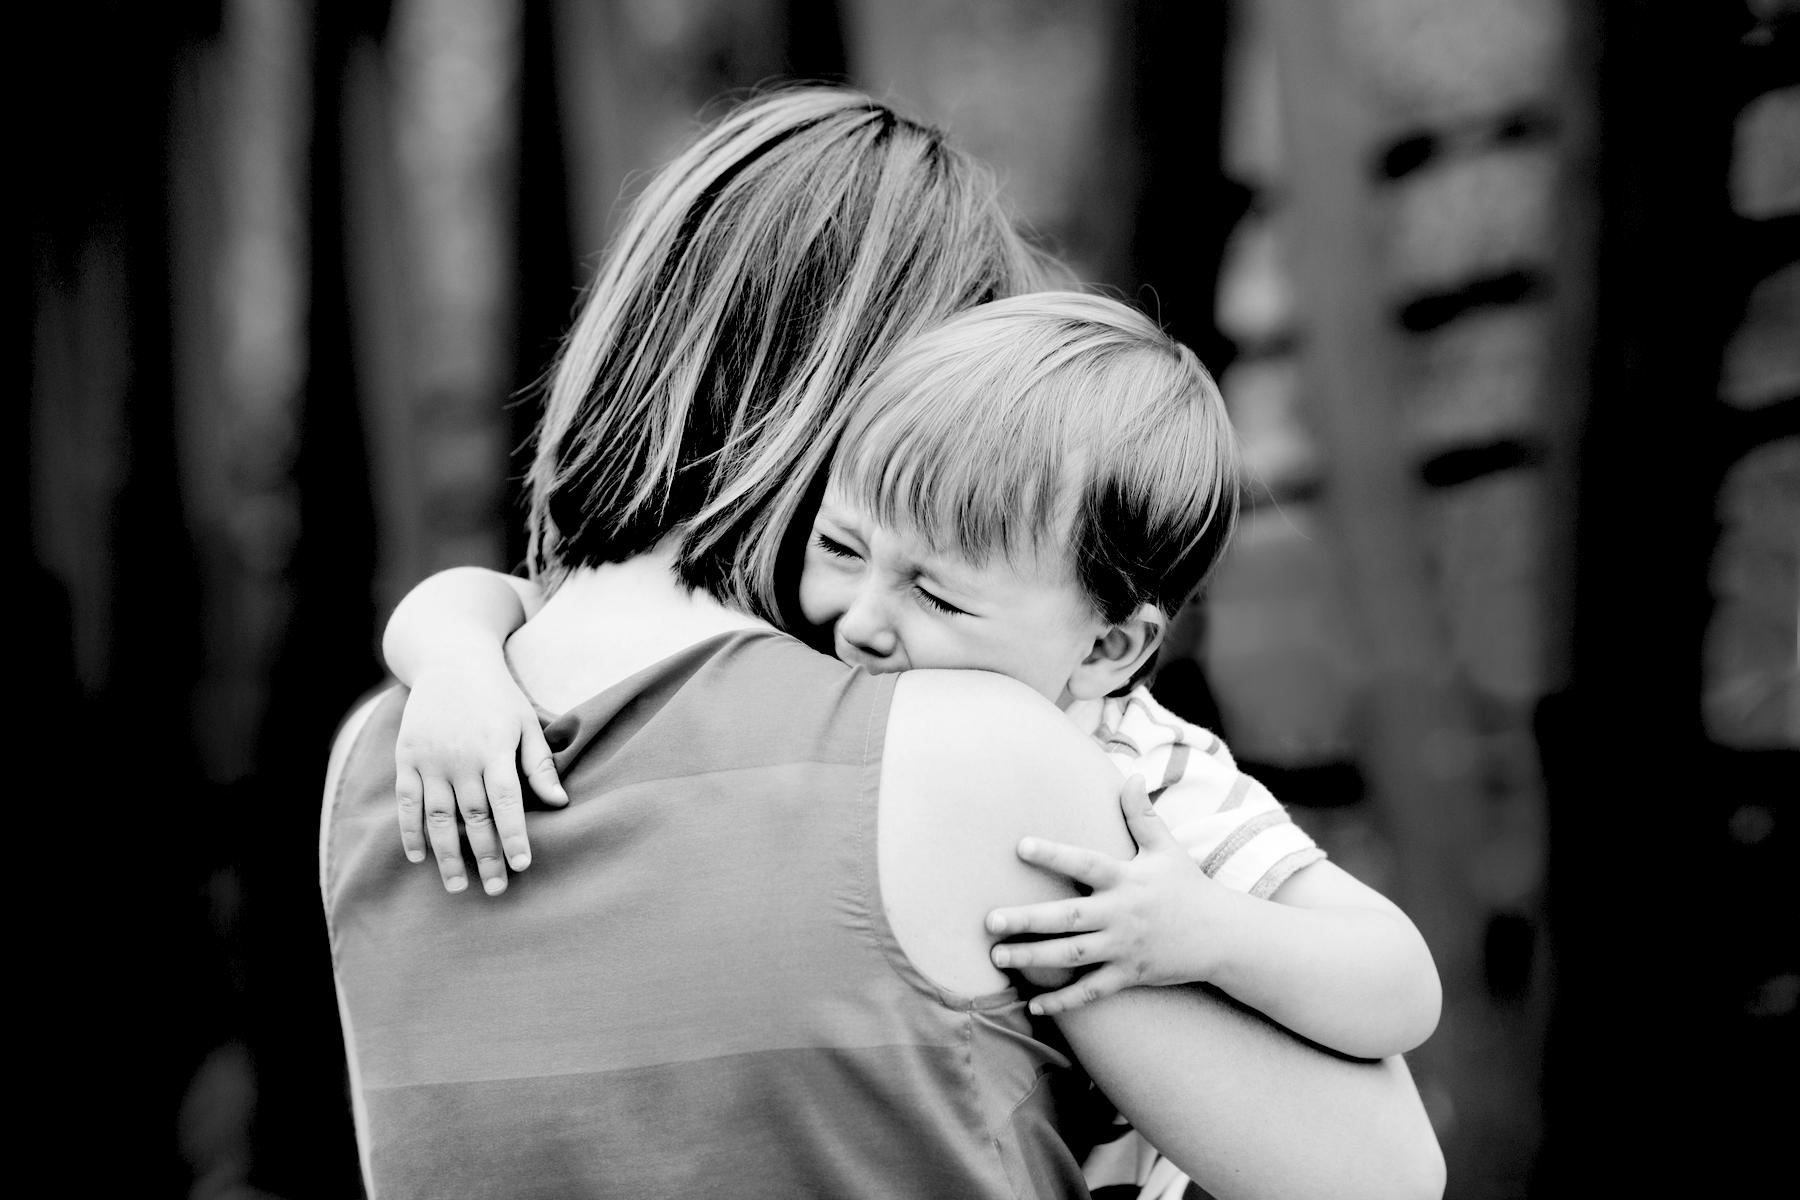 Mom hugging crying boy